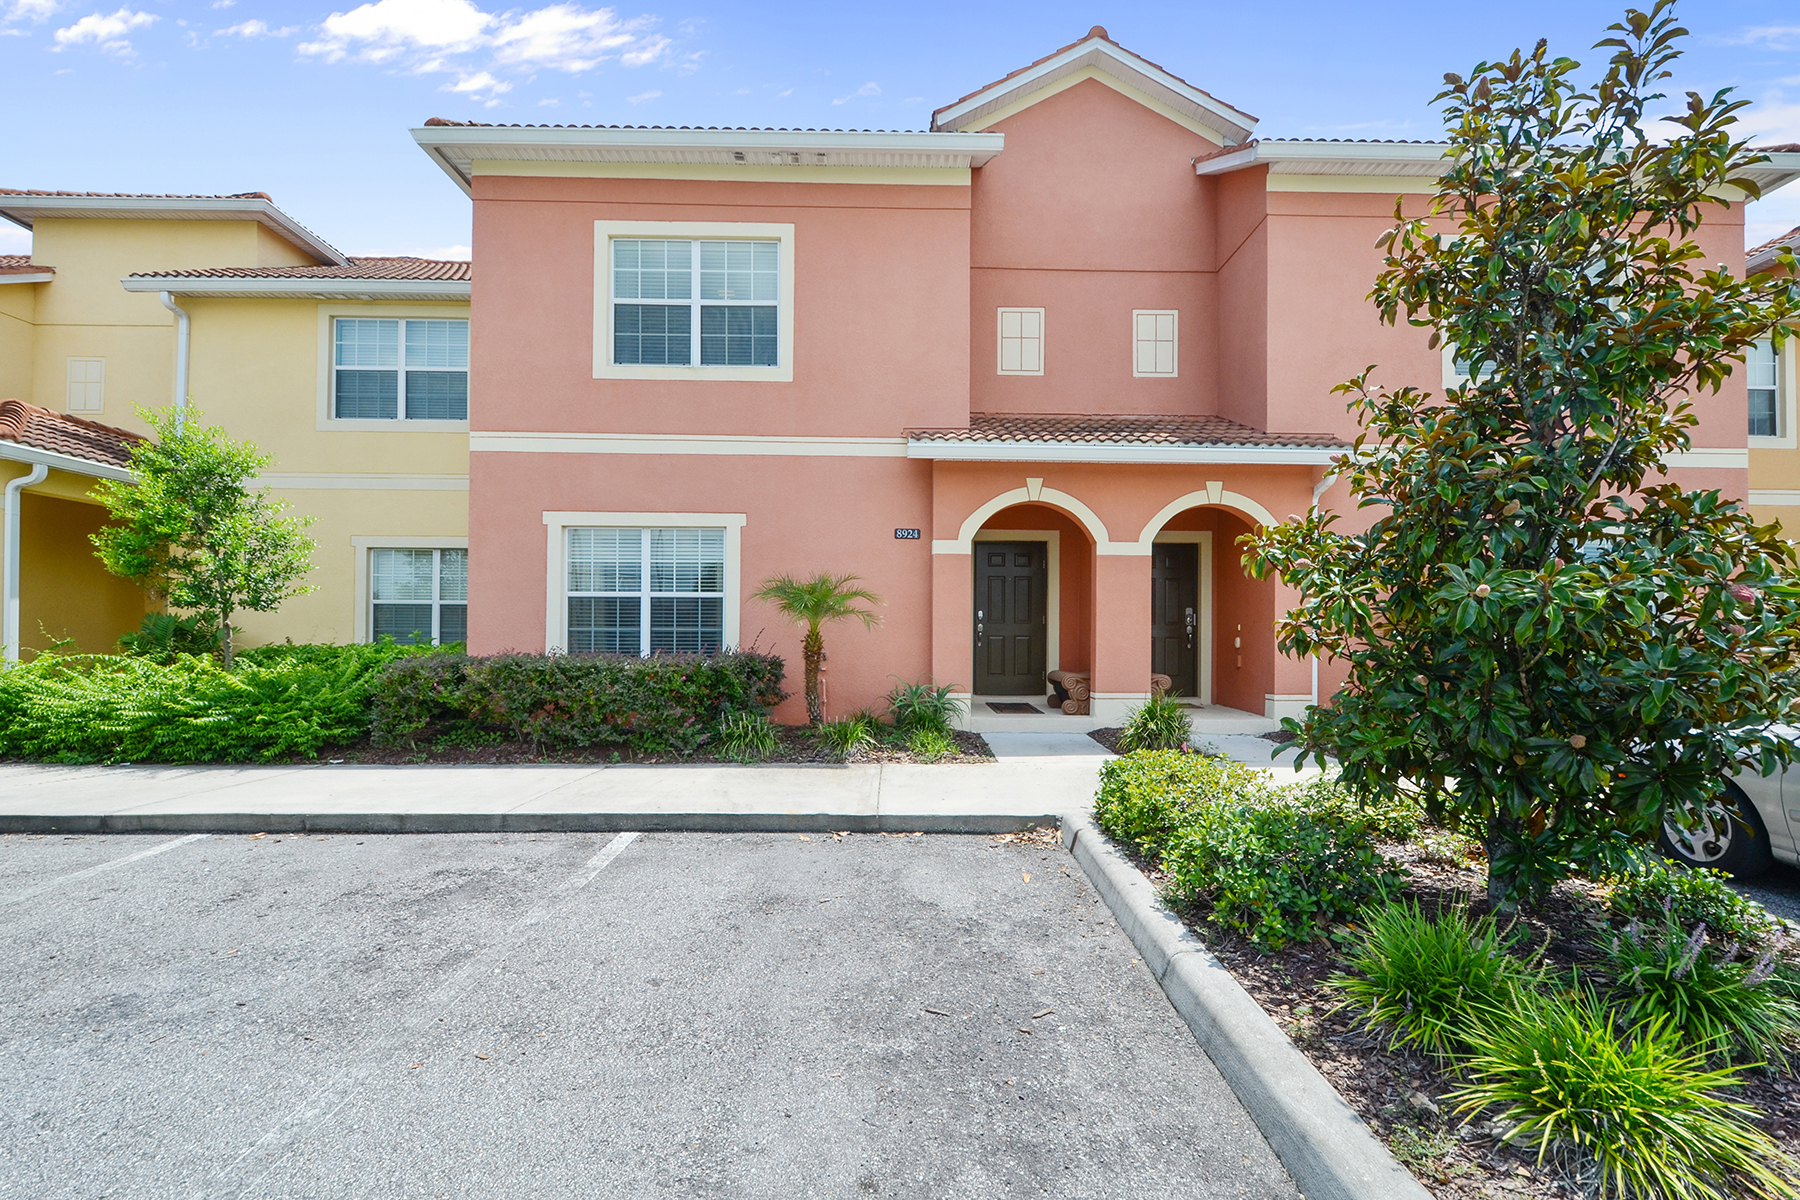 タウンハウス のために 売買 アット ORLANDO - KISSIMMEE 8924 Majesty Palm Rd Kissimmee, フロリダ 34747 アメリカ合衆国